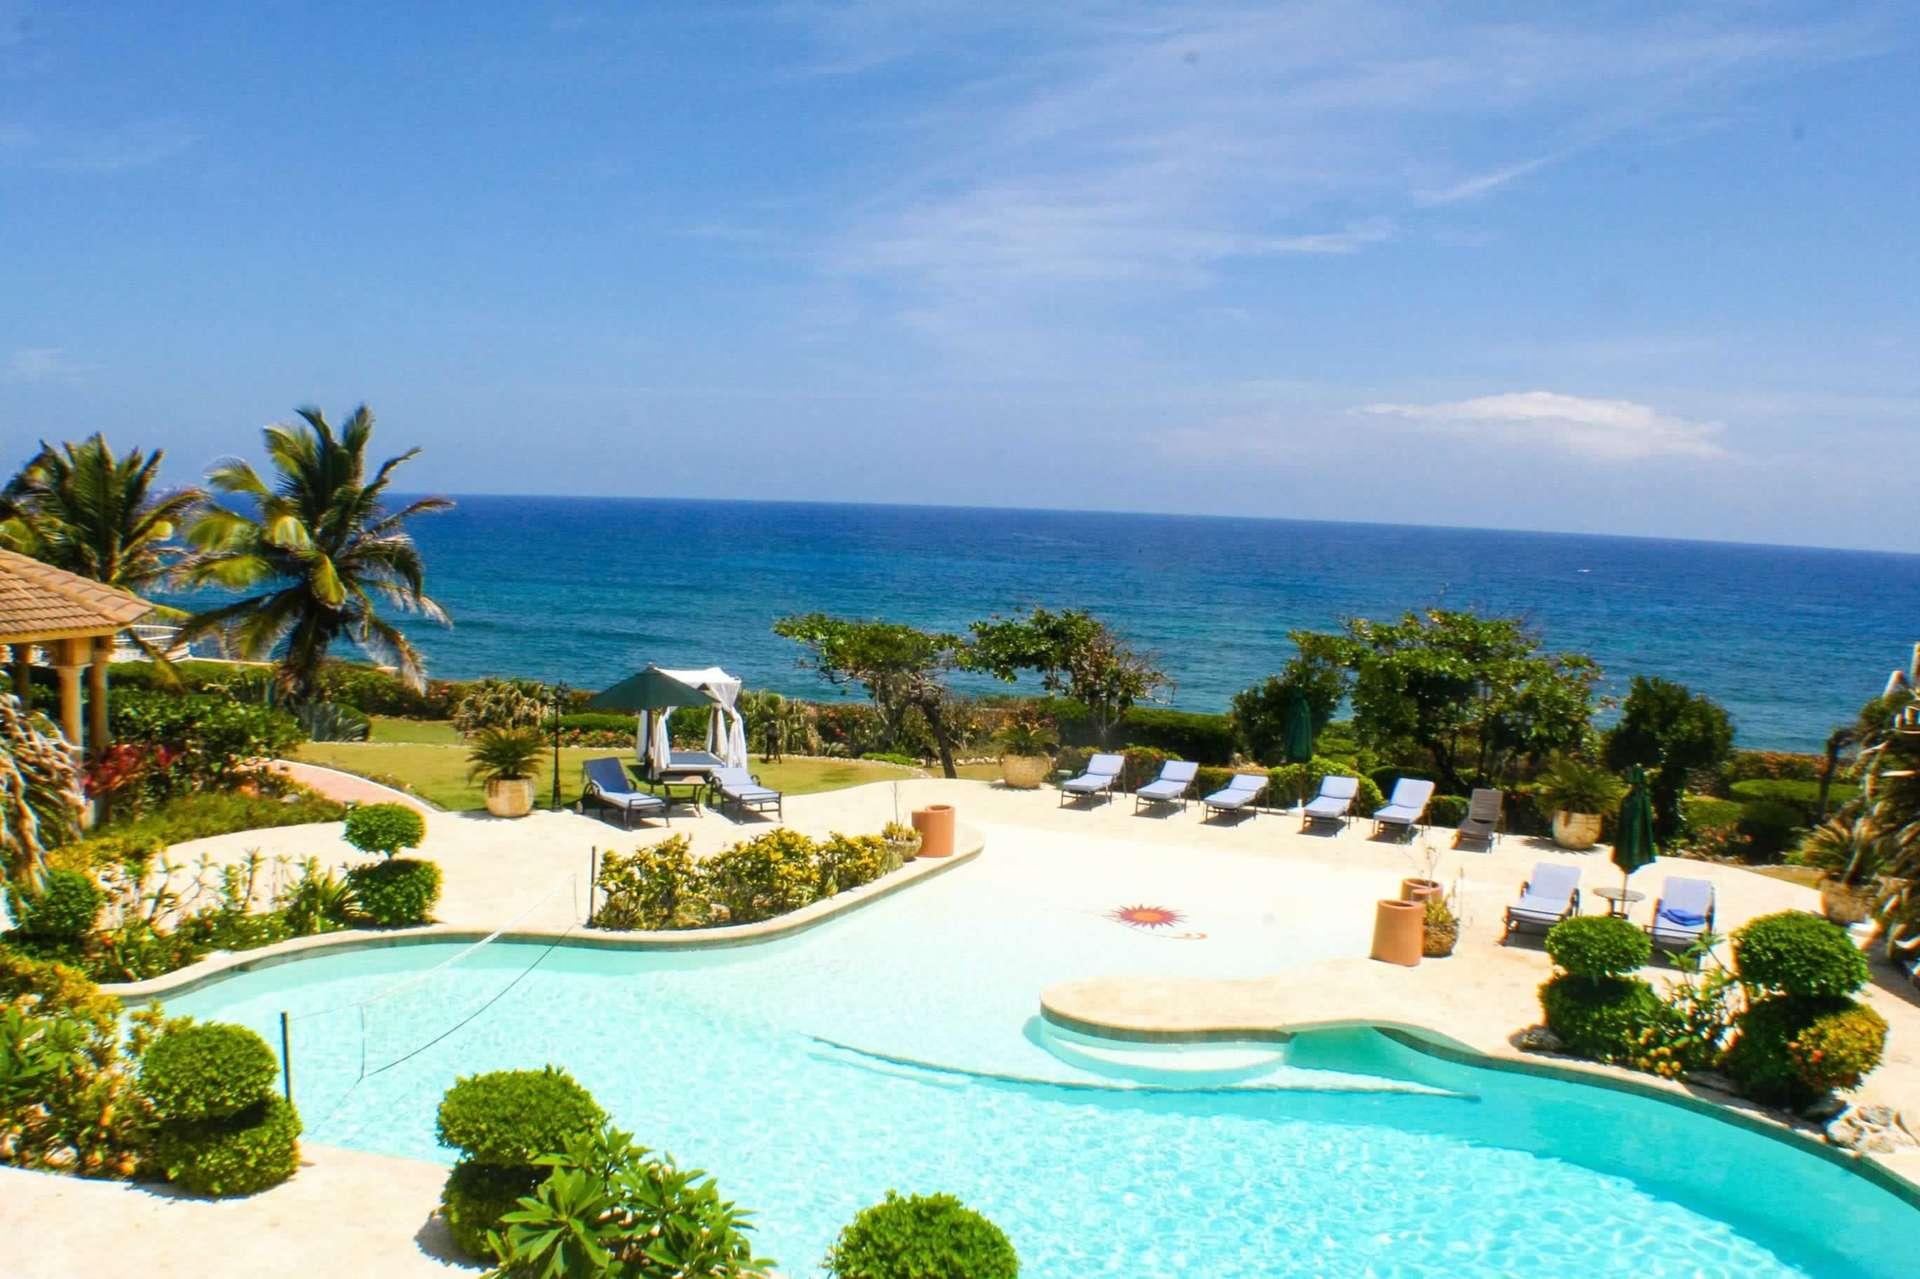 Luxury villa rentals caribbean - Dominican republic - Cabrera - Castellamonte del Mare - Image 1/23